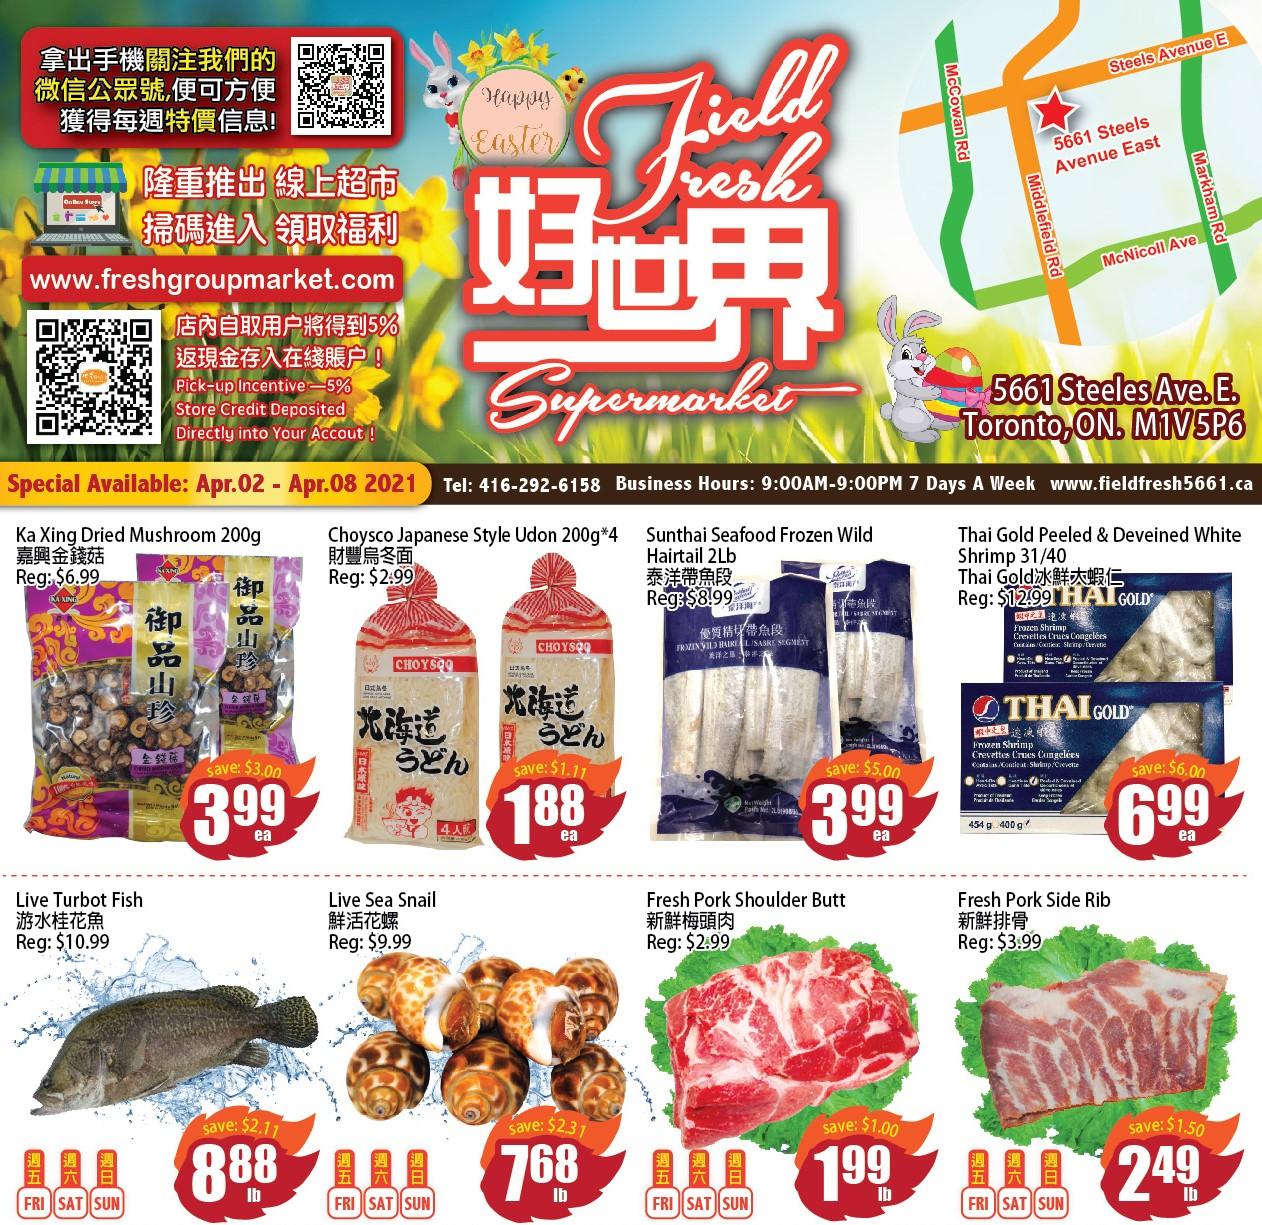 Field Fresh Supermarket Flyer Apr 2